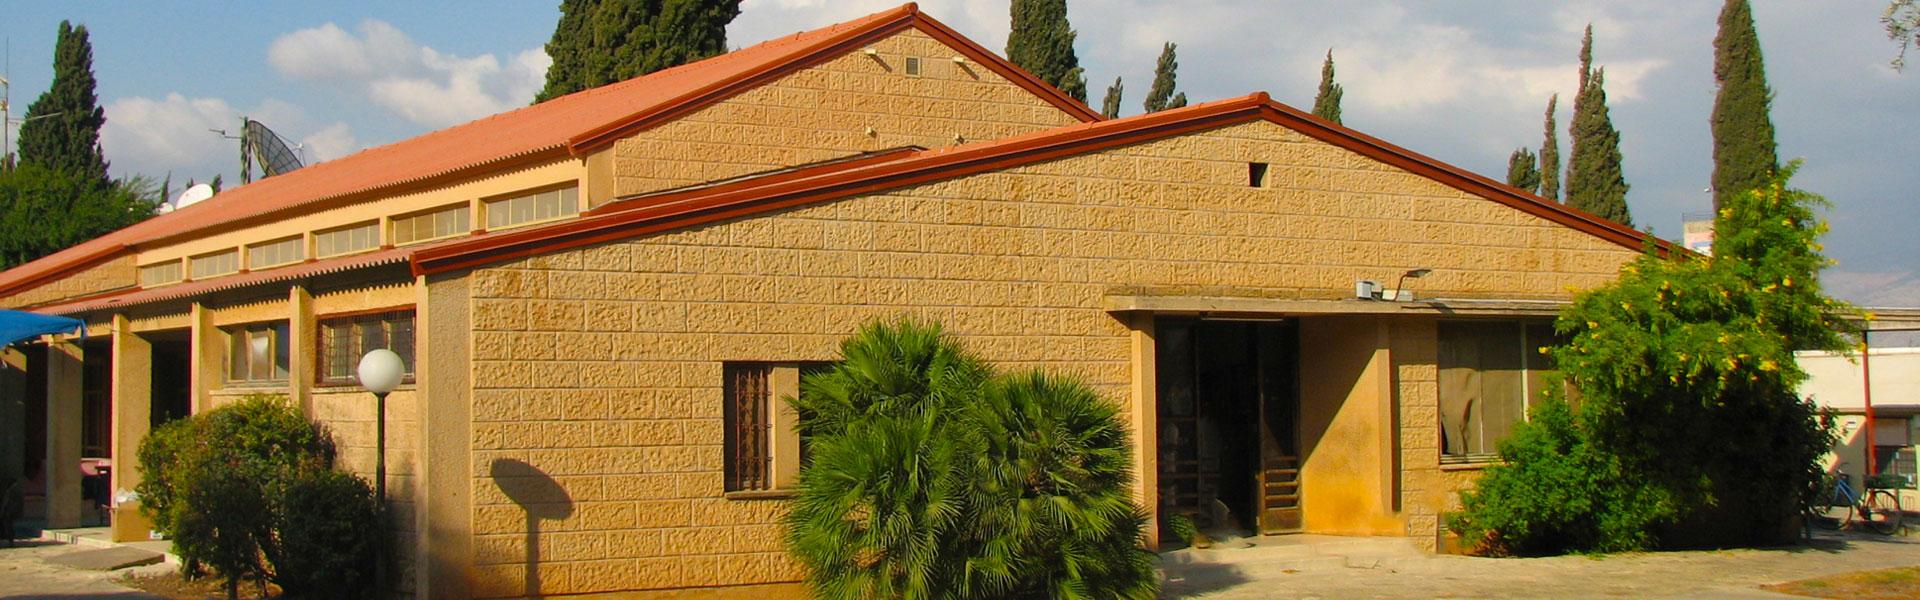 Séjour au Kibboutz Kfar Giladi